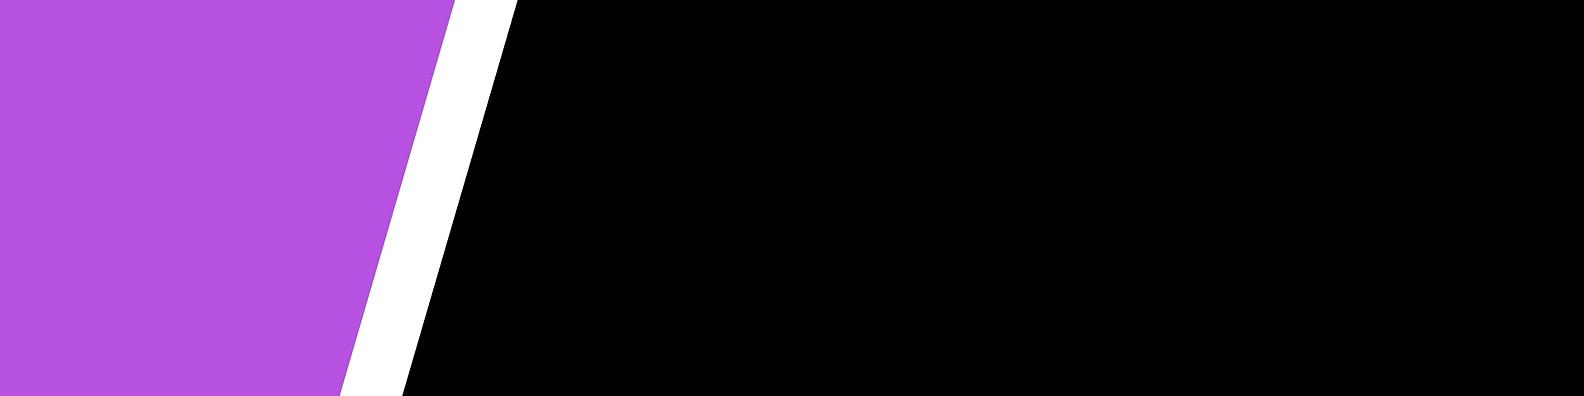 FE63176C-05A0-43D0-A50A-773B72110BC7.png